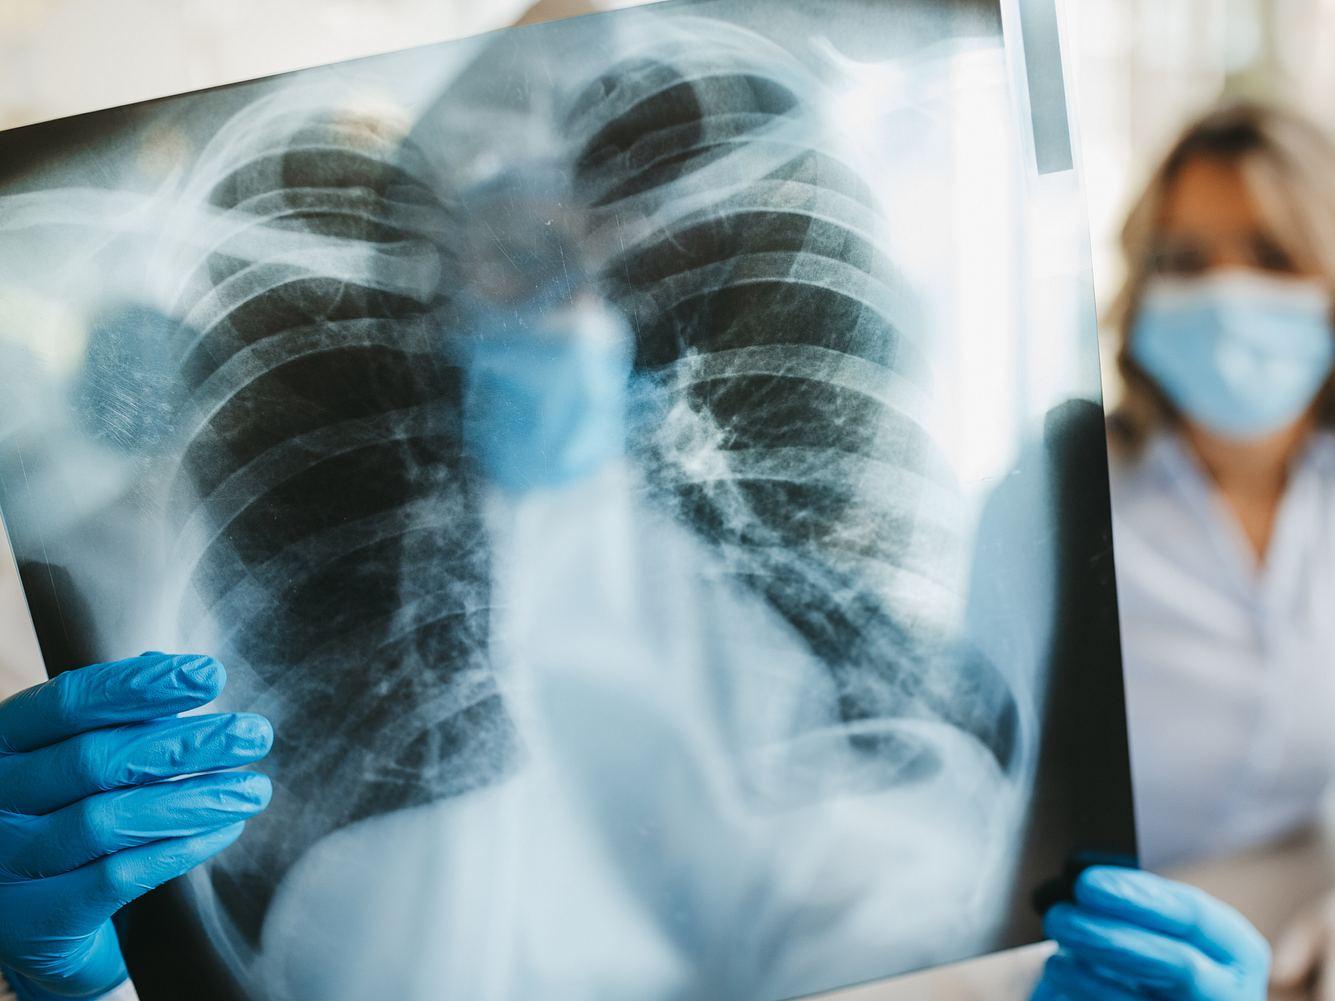 Zwei Personen betrachten eine Röntgenaufnahme der Lunge.